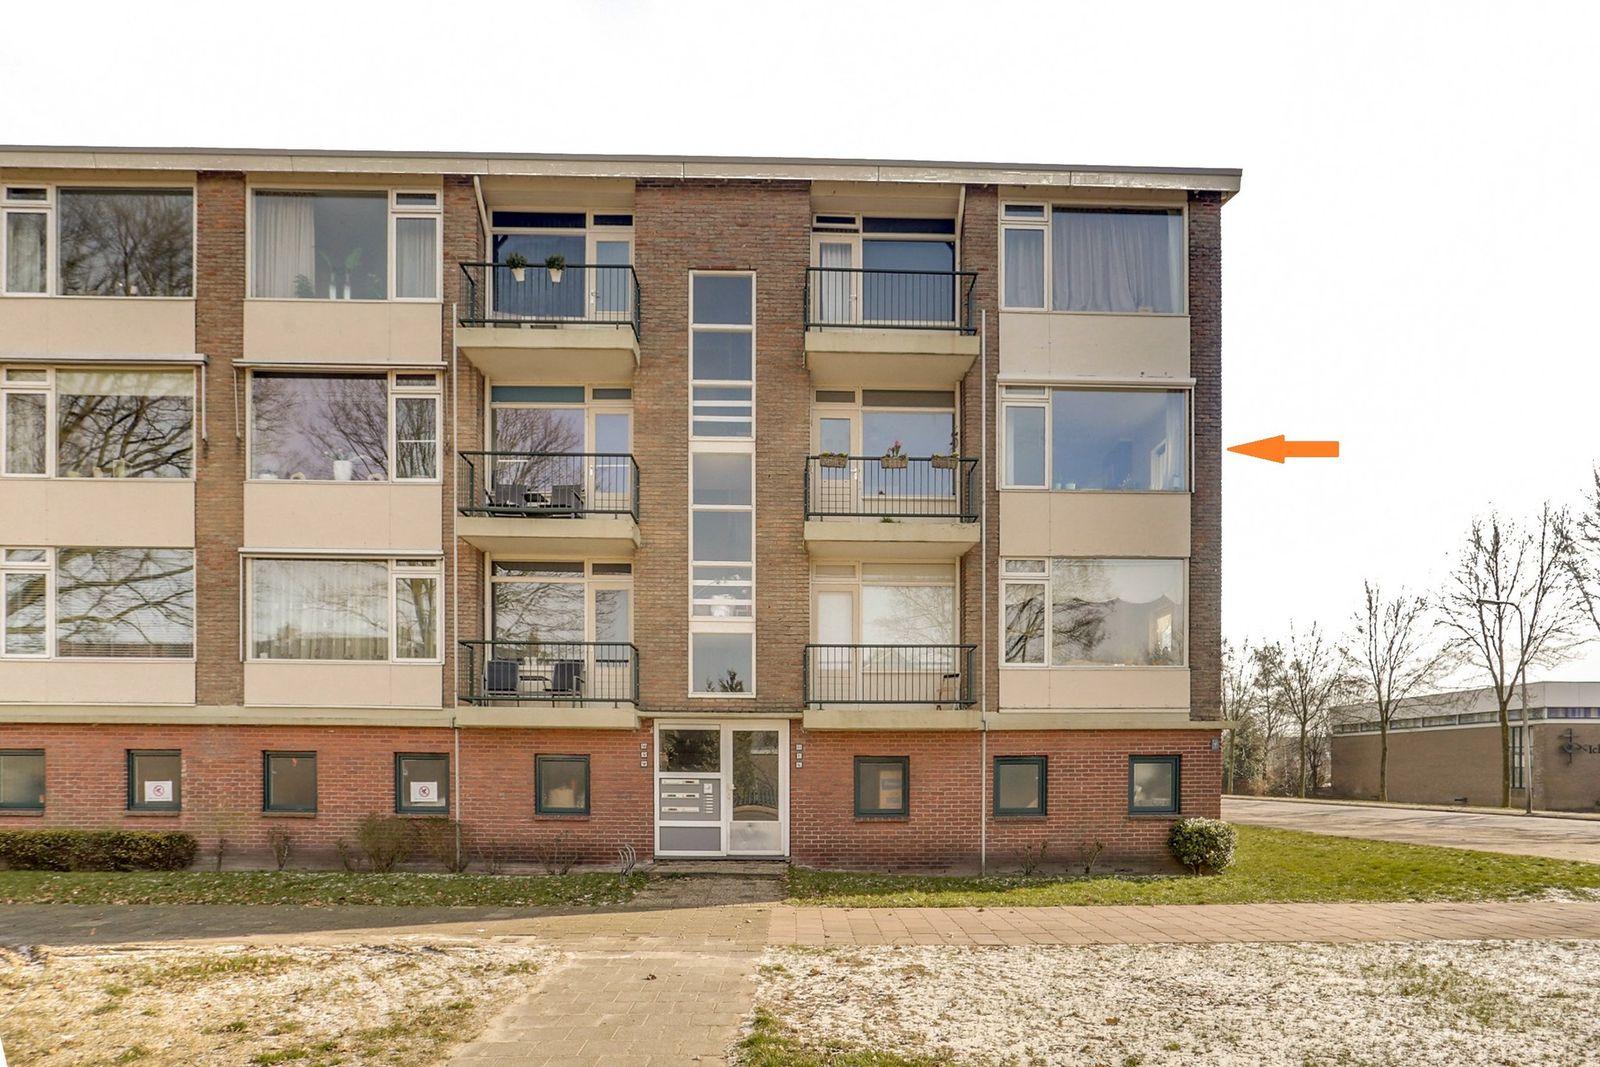 Ericalaan 131, Hoogeveen